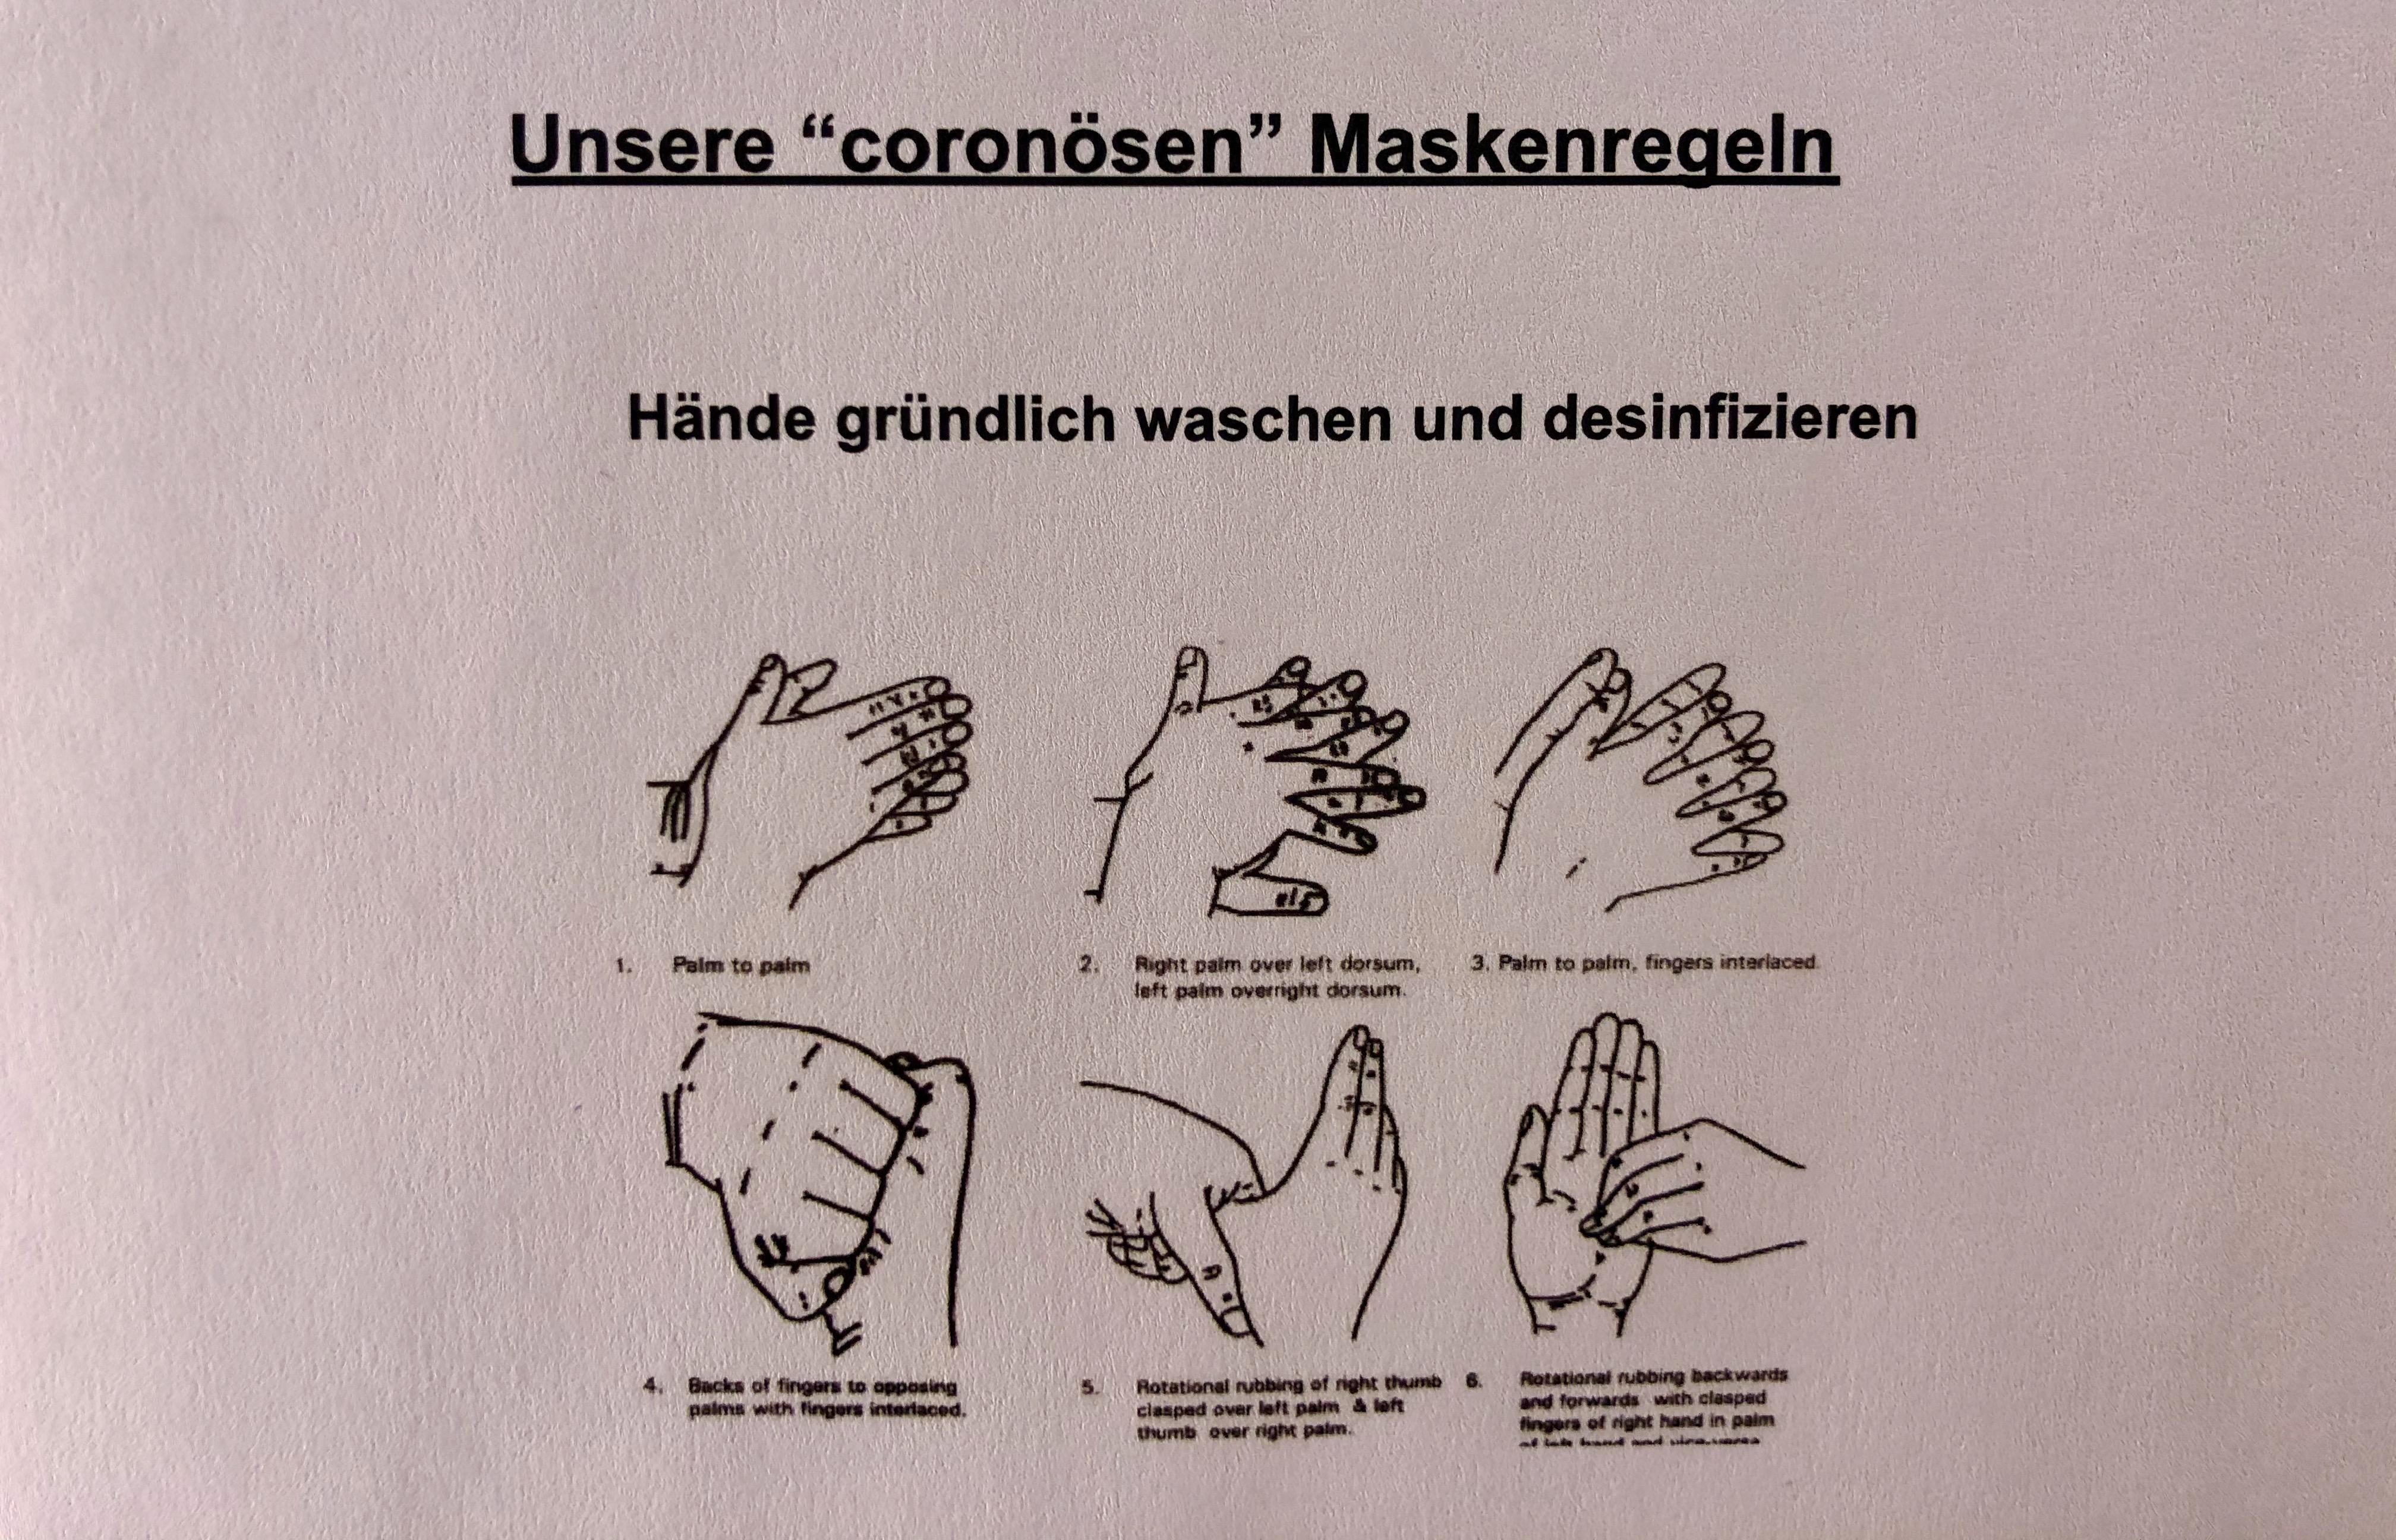 Maskenregeln